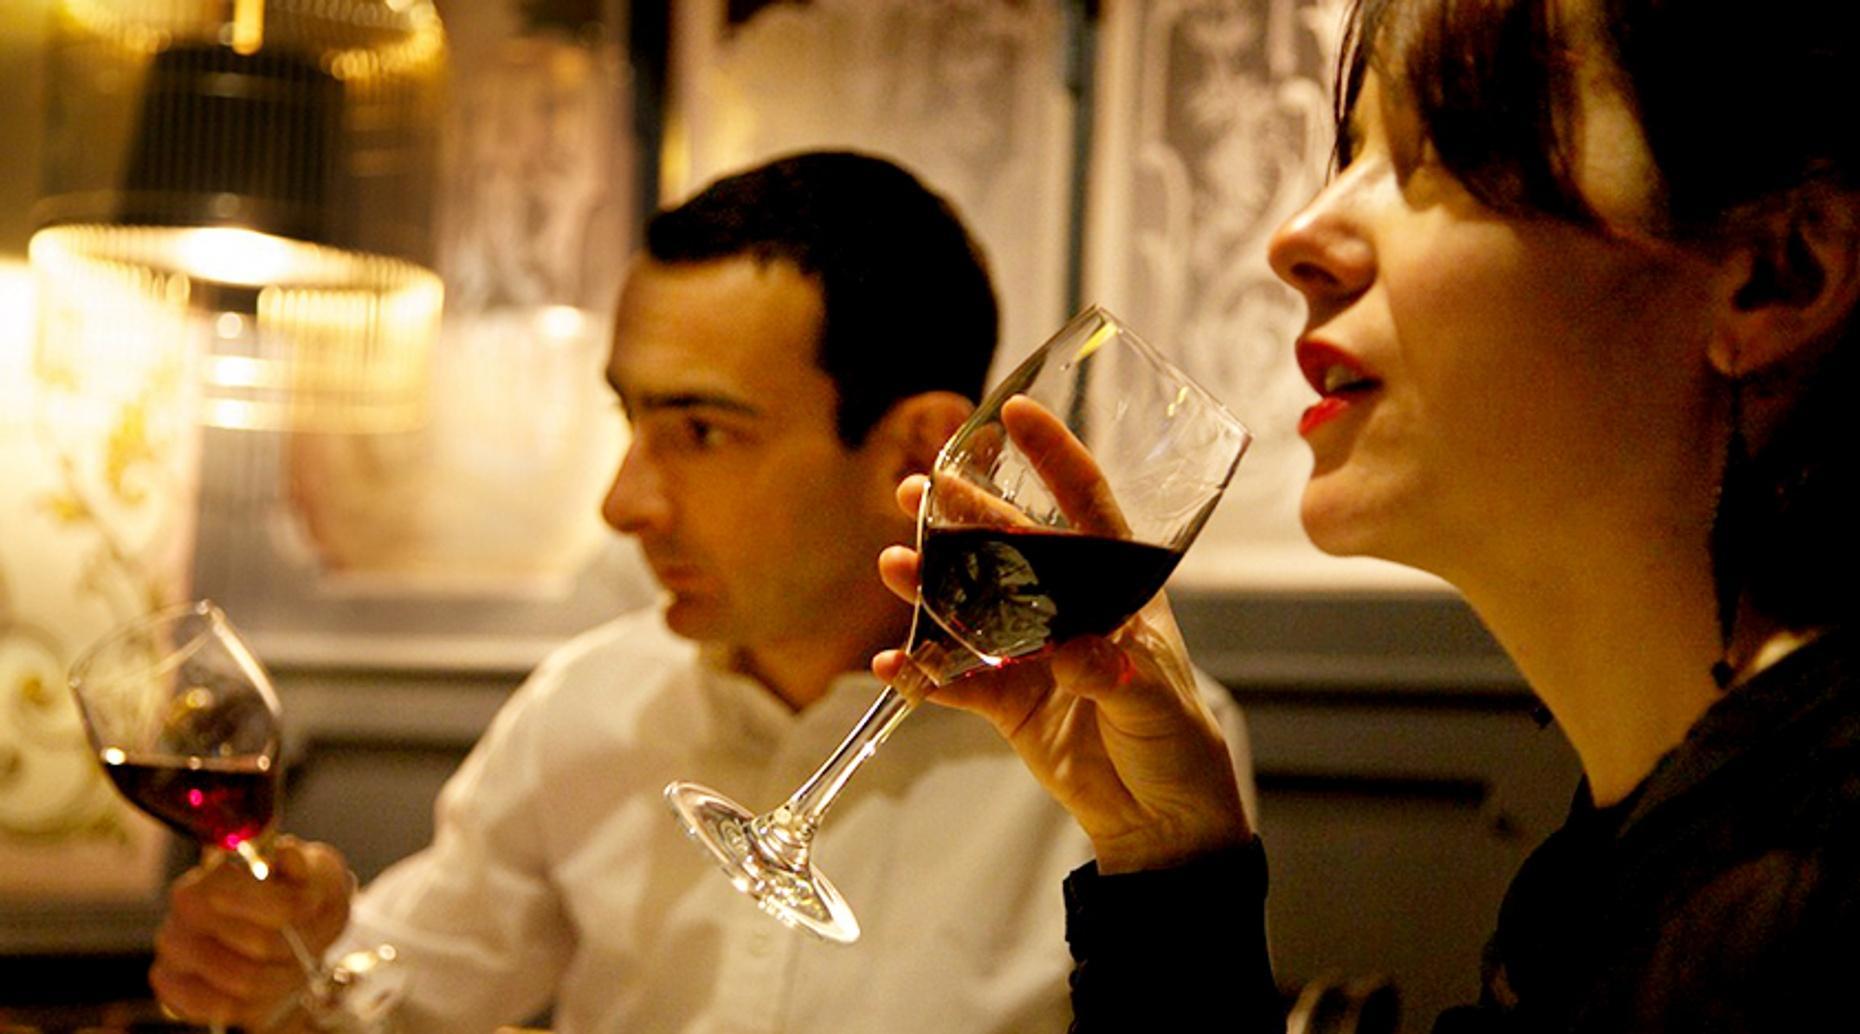 France in a Bottle